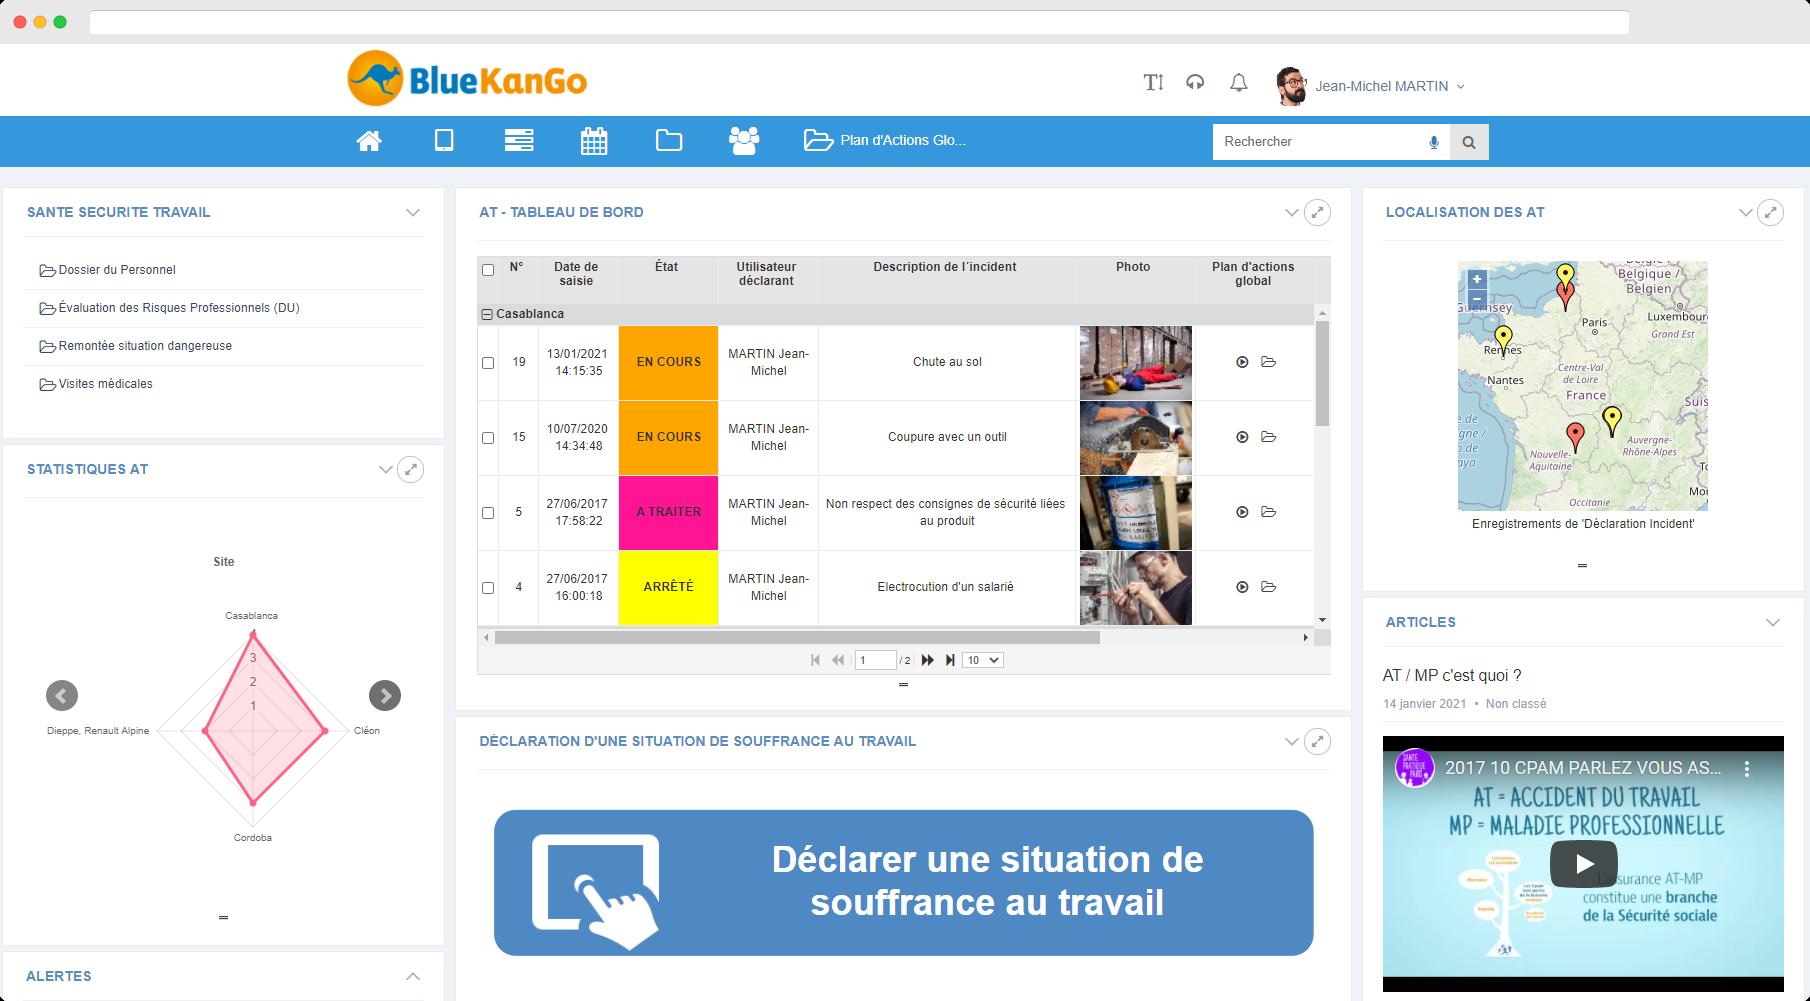 Capture d'écran Tableau de bord de l'offre Gestion des AT MP de la plateforme BlueKanGo